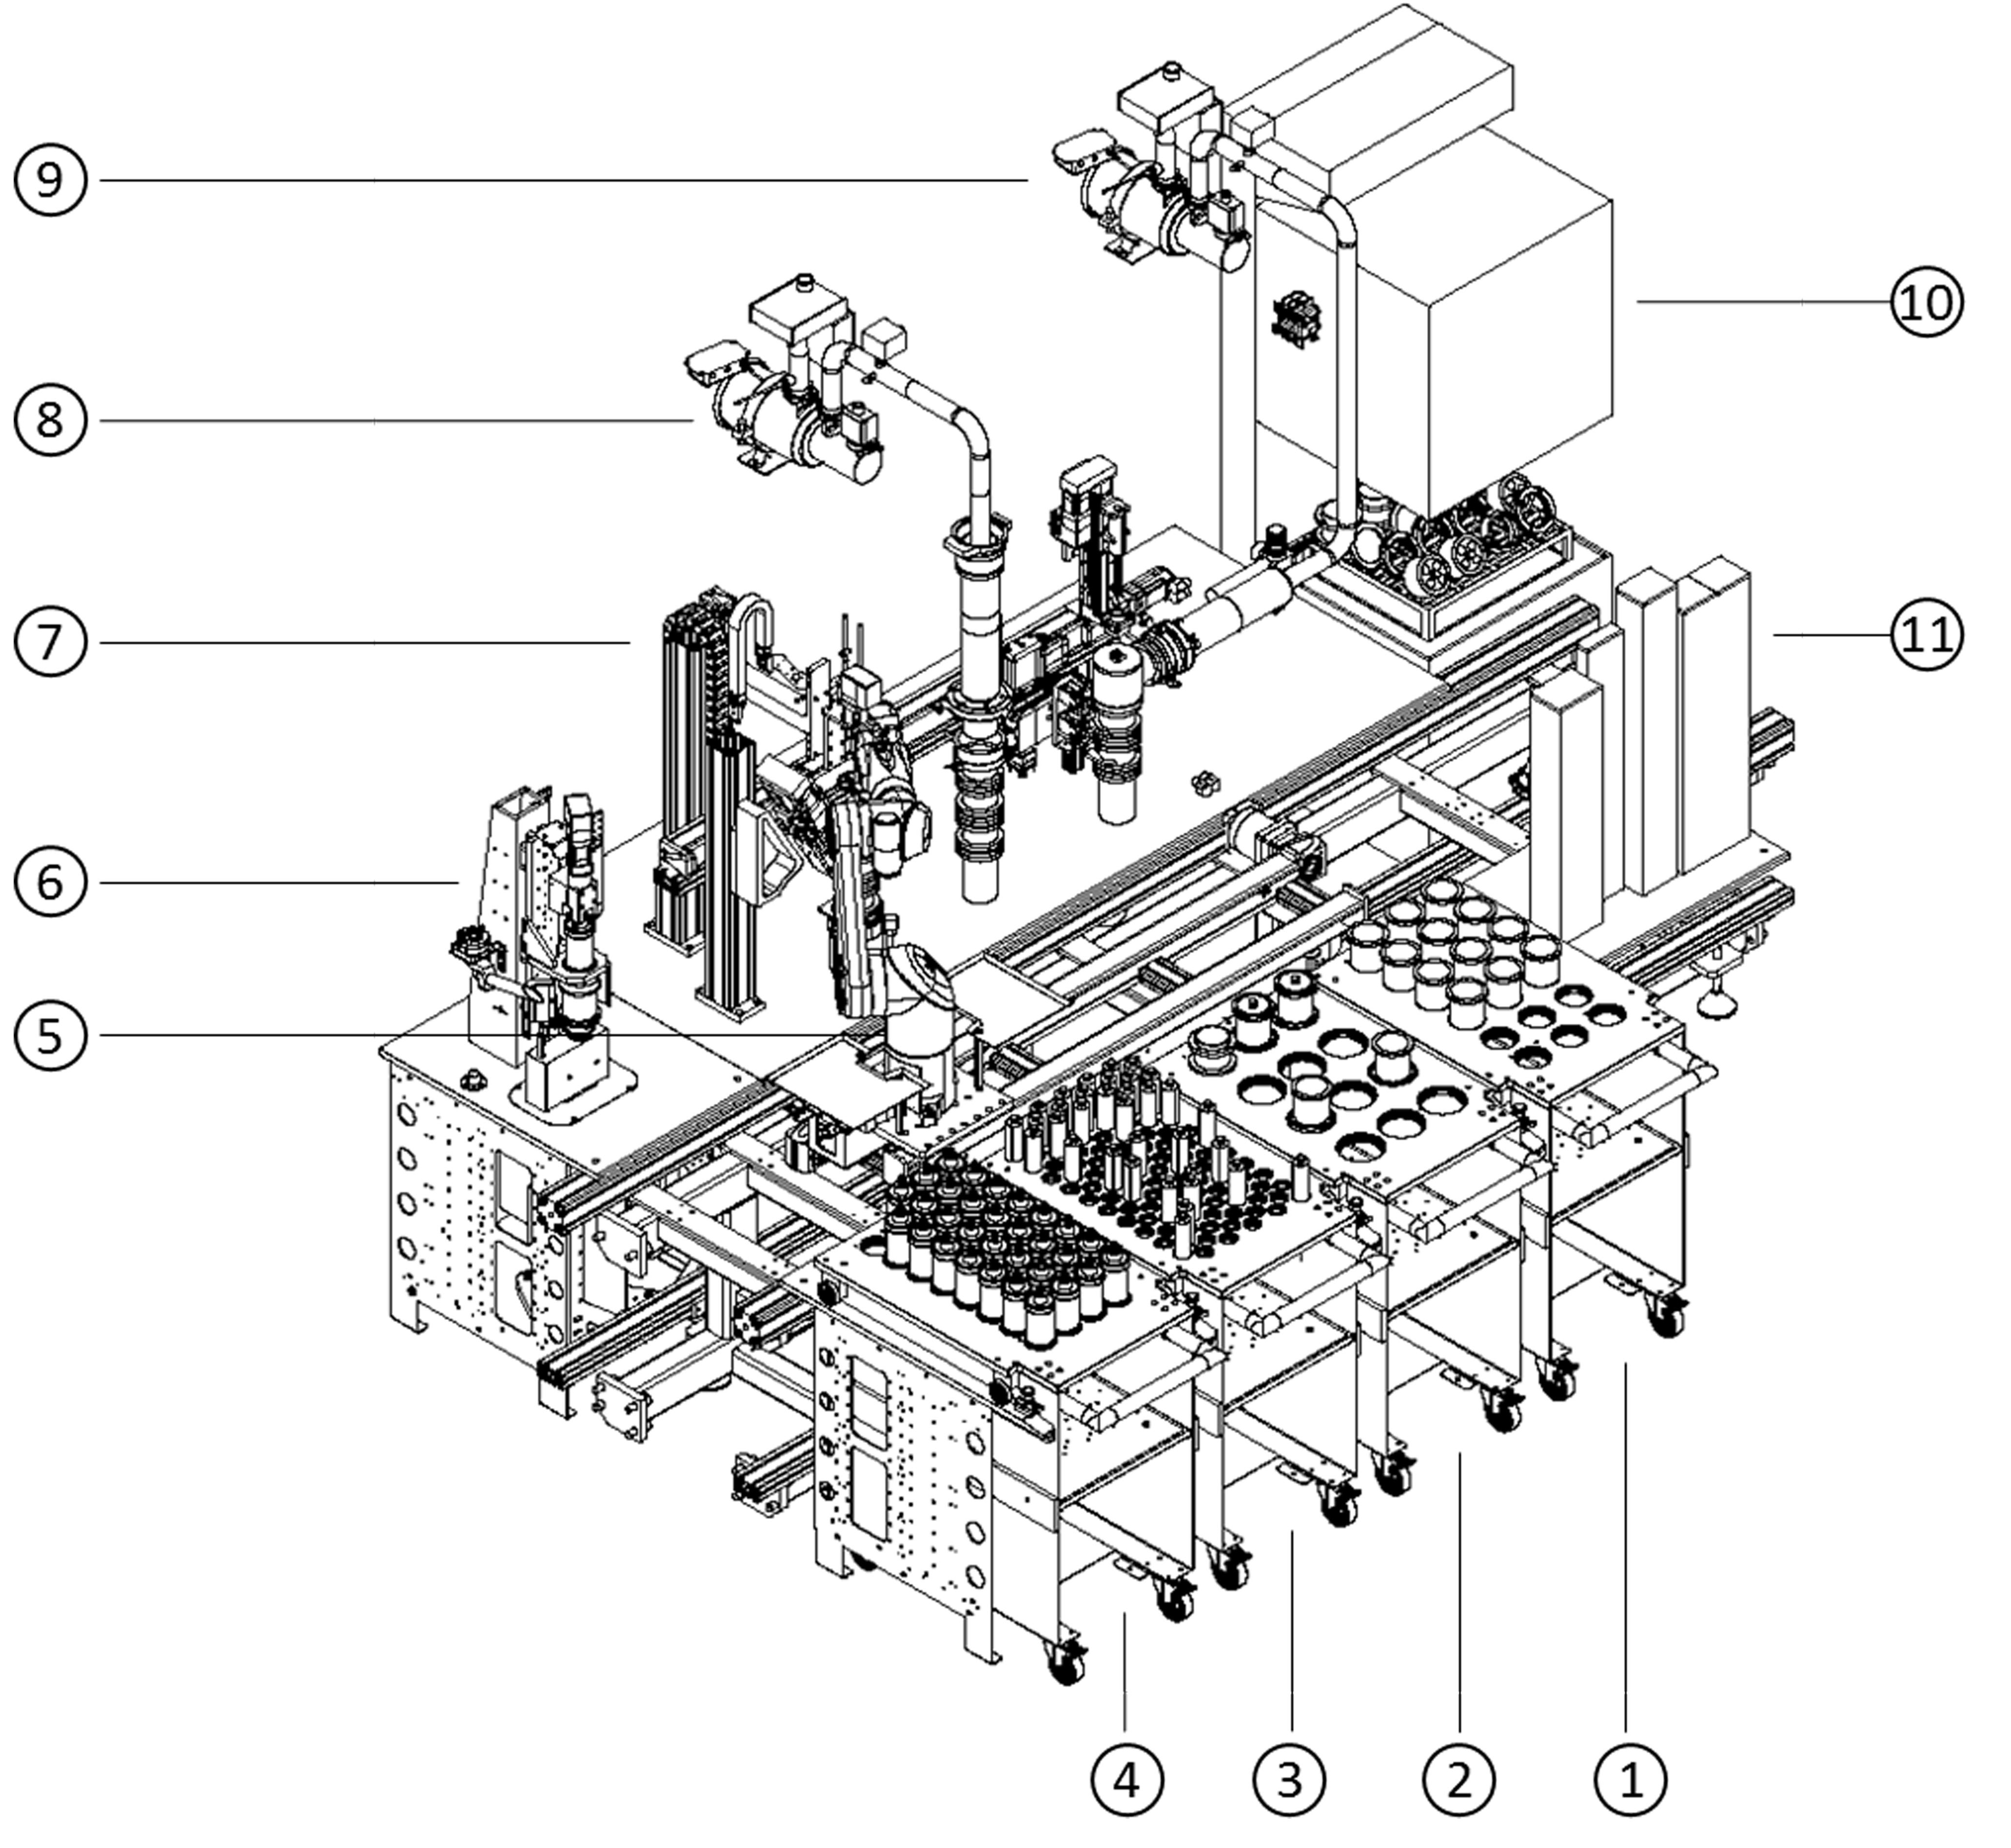 Innovative Granulatherstellung für die Forschung und Entwicklung / Konzeption einer Anlage zur automatisierten Hochdurchsatzgranulation